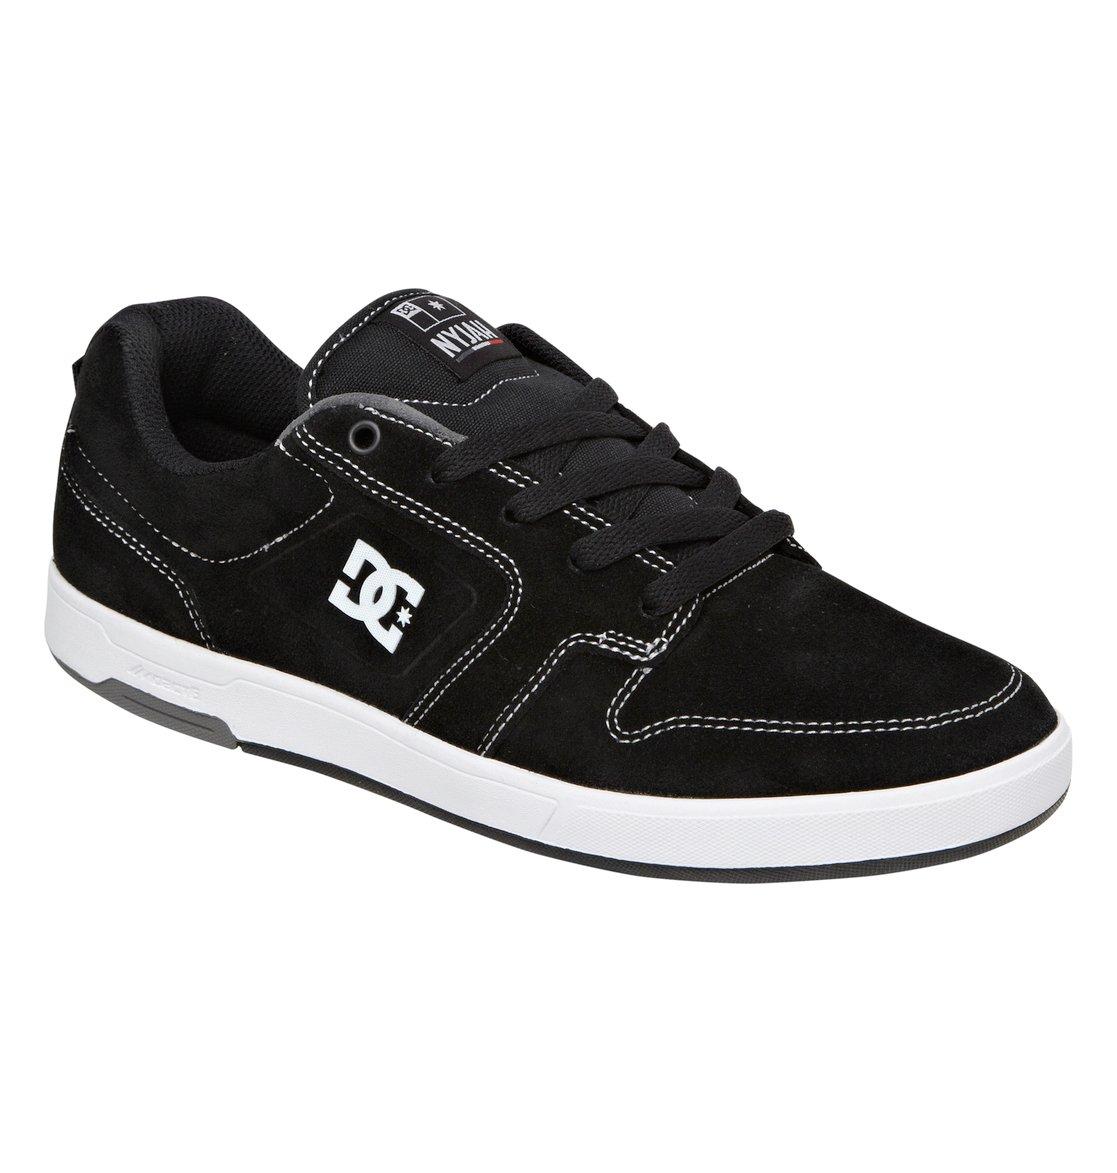 Dc Shoes Nyjah Price